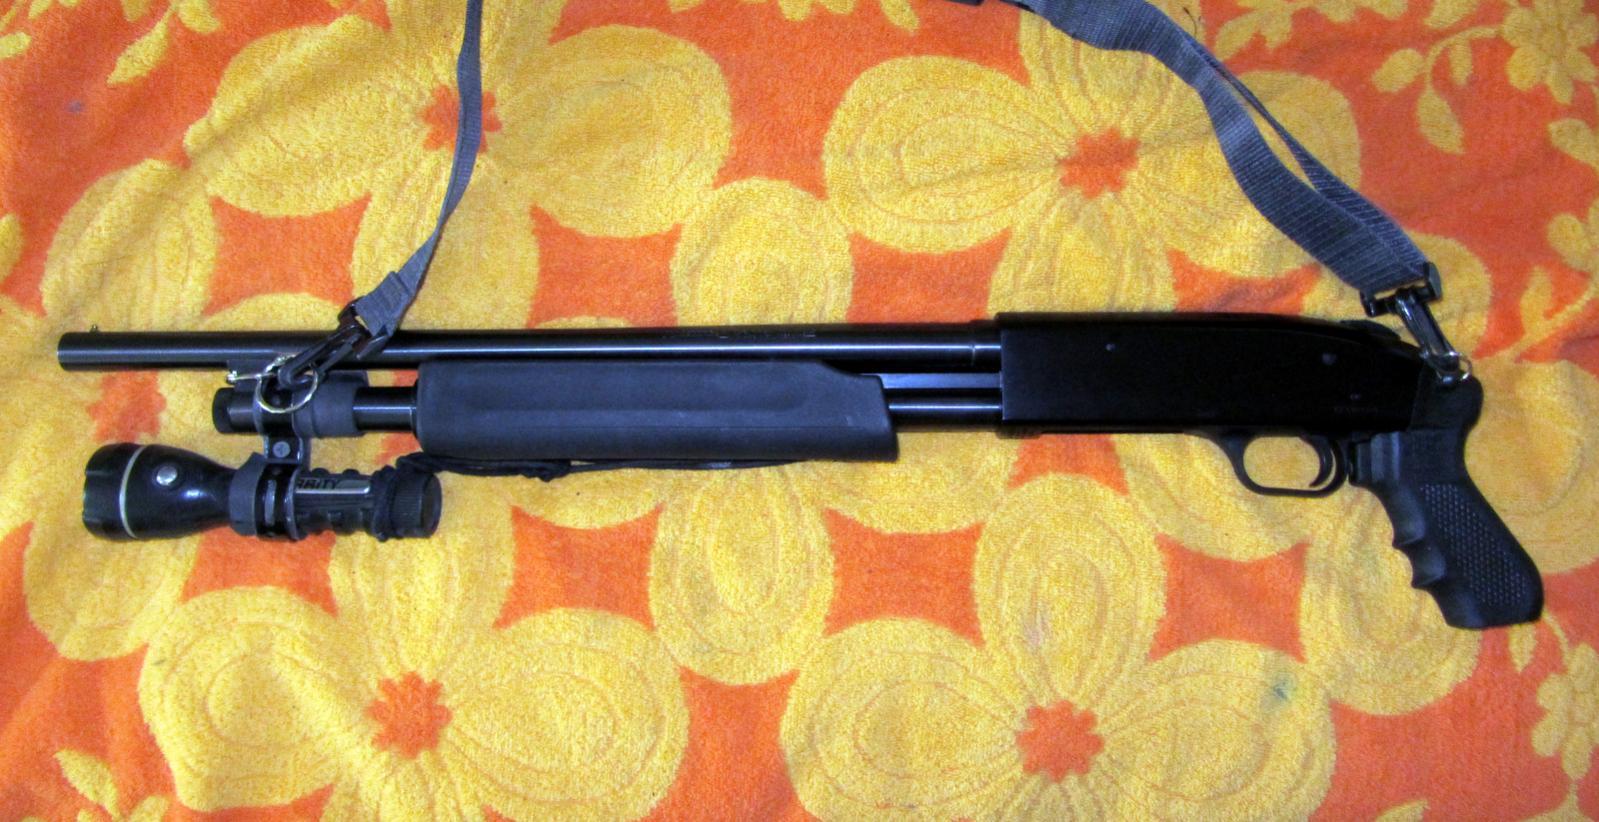 Shotgun light-img_3611.jpg